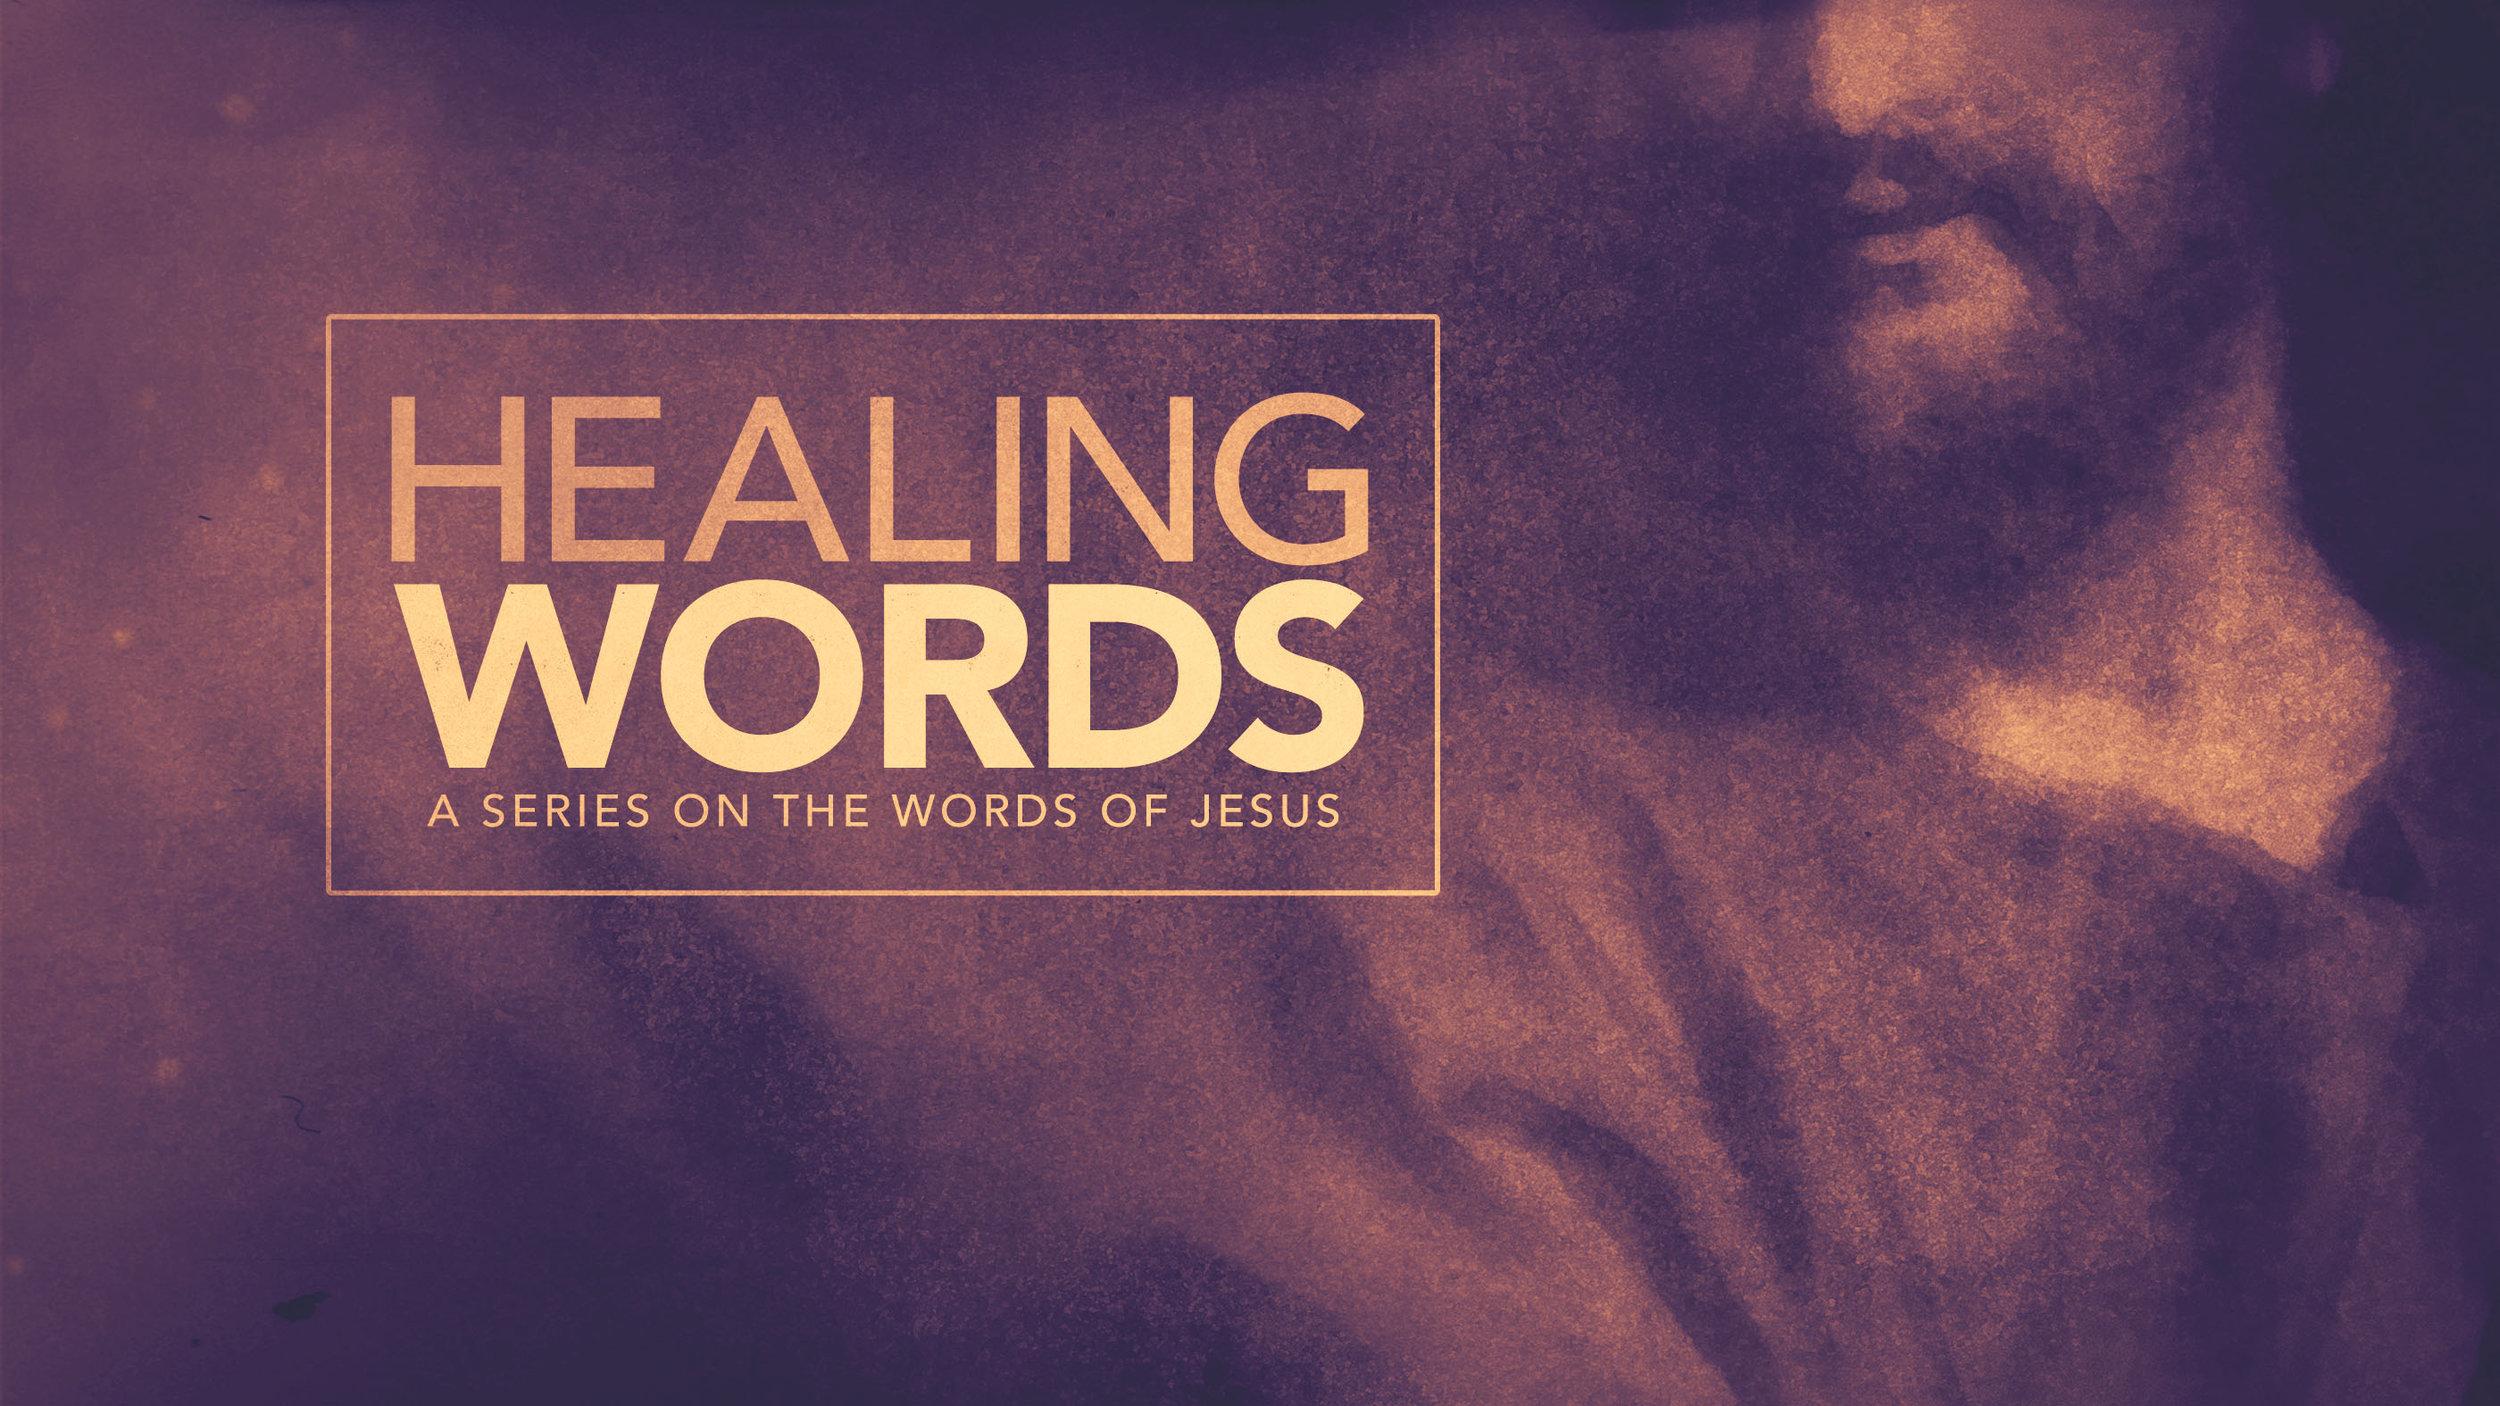 healing_words-still-PSD.jpg